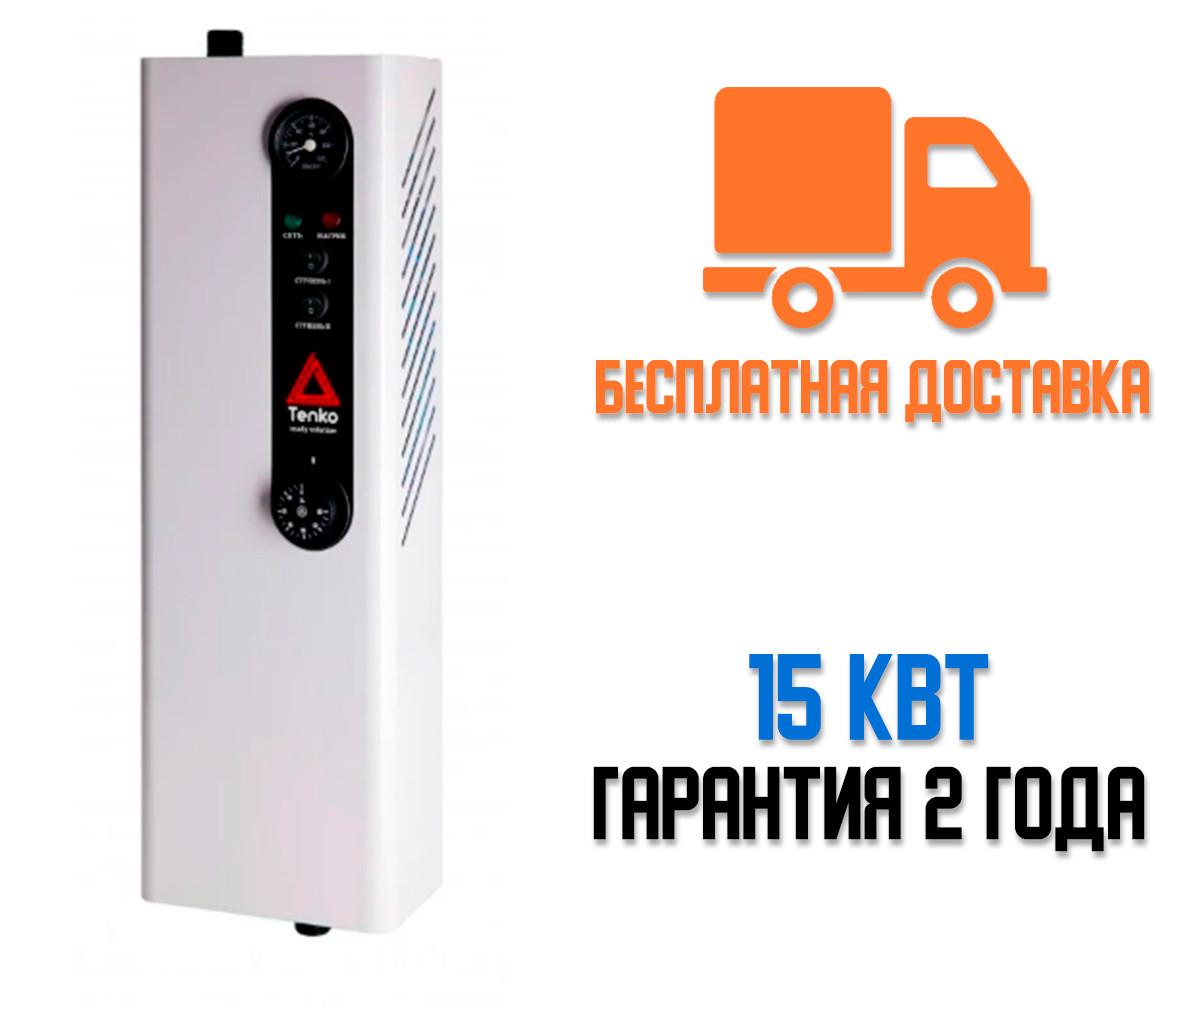 Котел электрический Tenko 15 кВт/380 эконом  Бесплатная доставка!